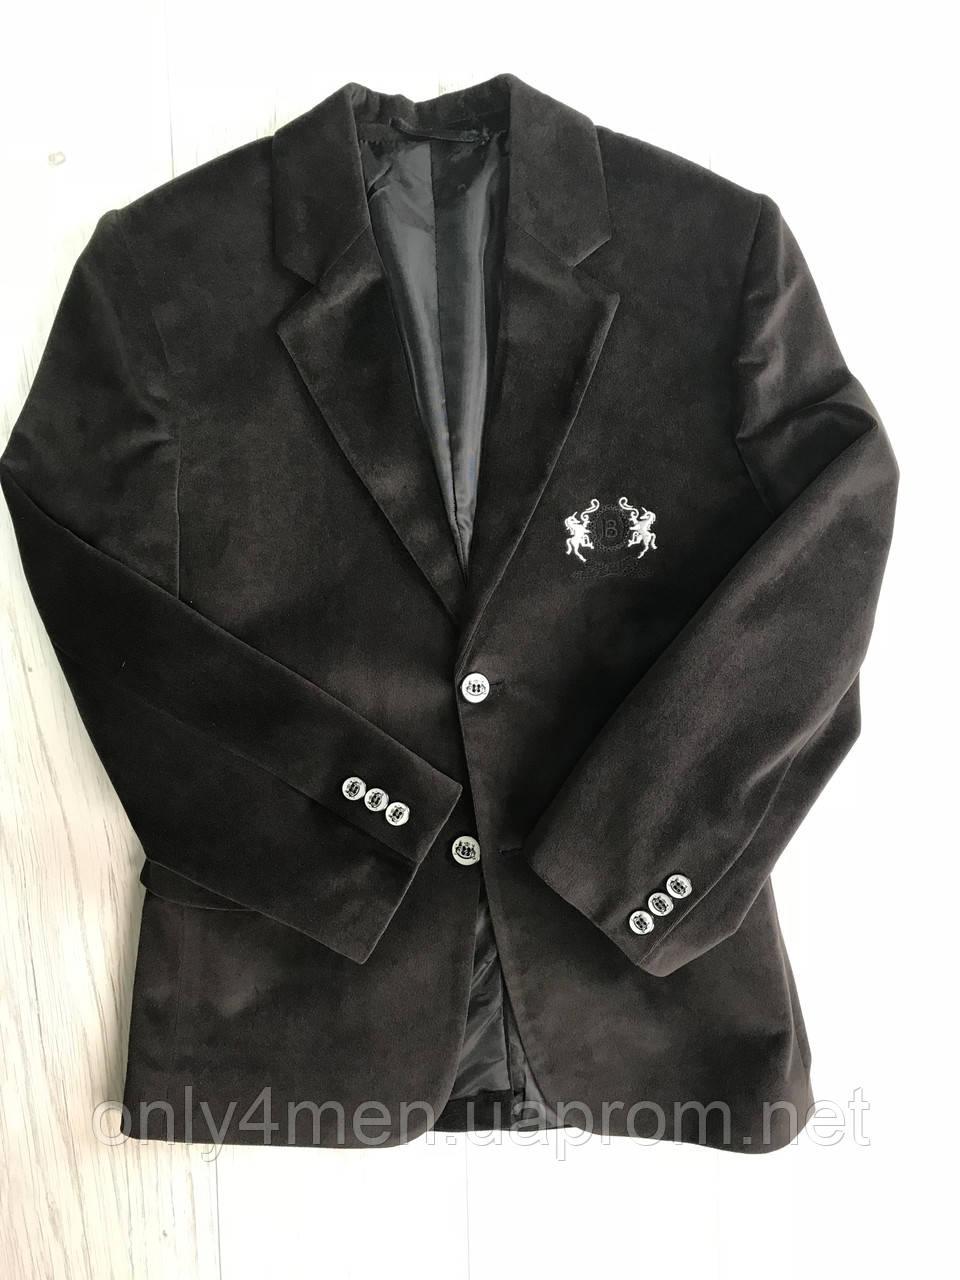 Пиджак для мальчика, подростковая одежда  140см